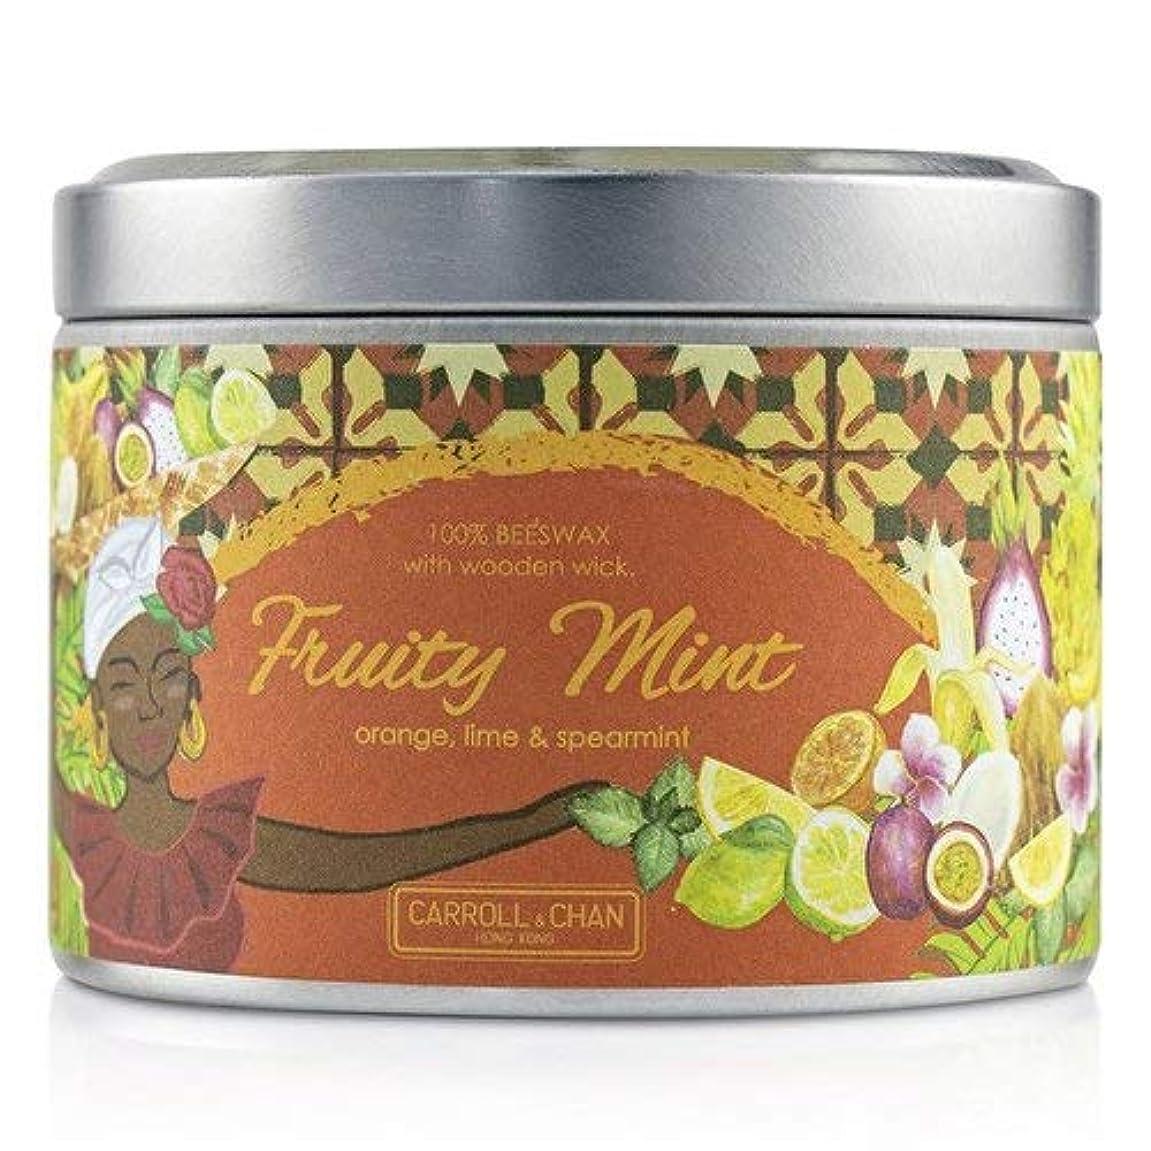 めったにパスタクライストチャーチキャンドル?カンパニー Tin Can 100% Beeswax Candle with Wooden Wick - Fruity Mint (8x5) cm並行輸入品